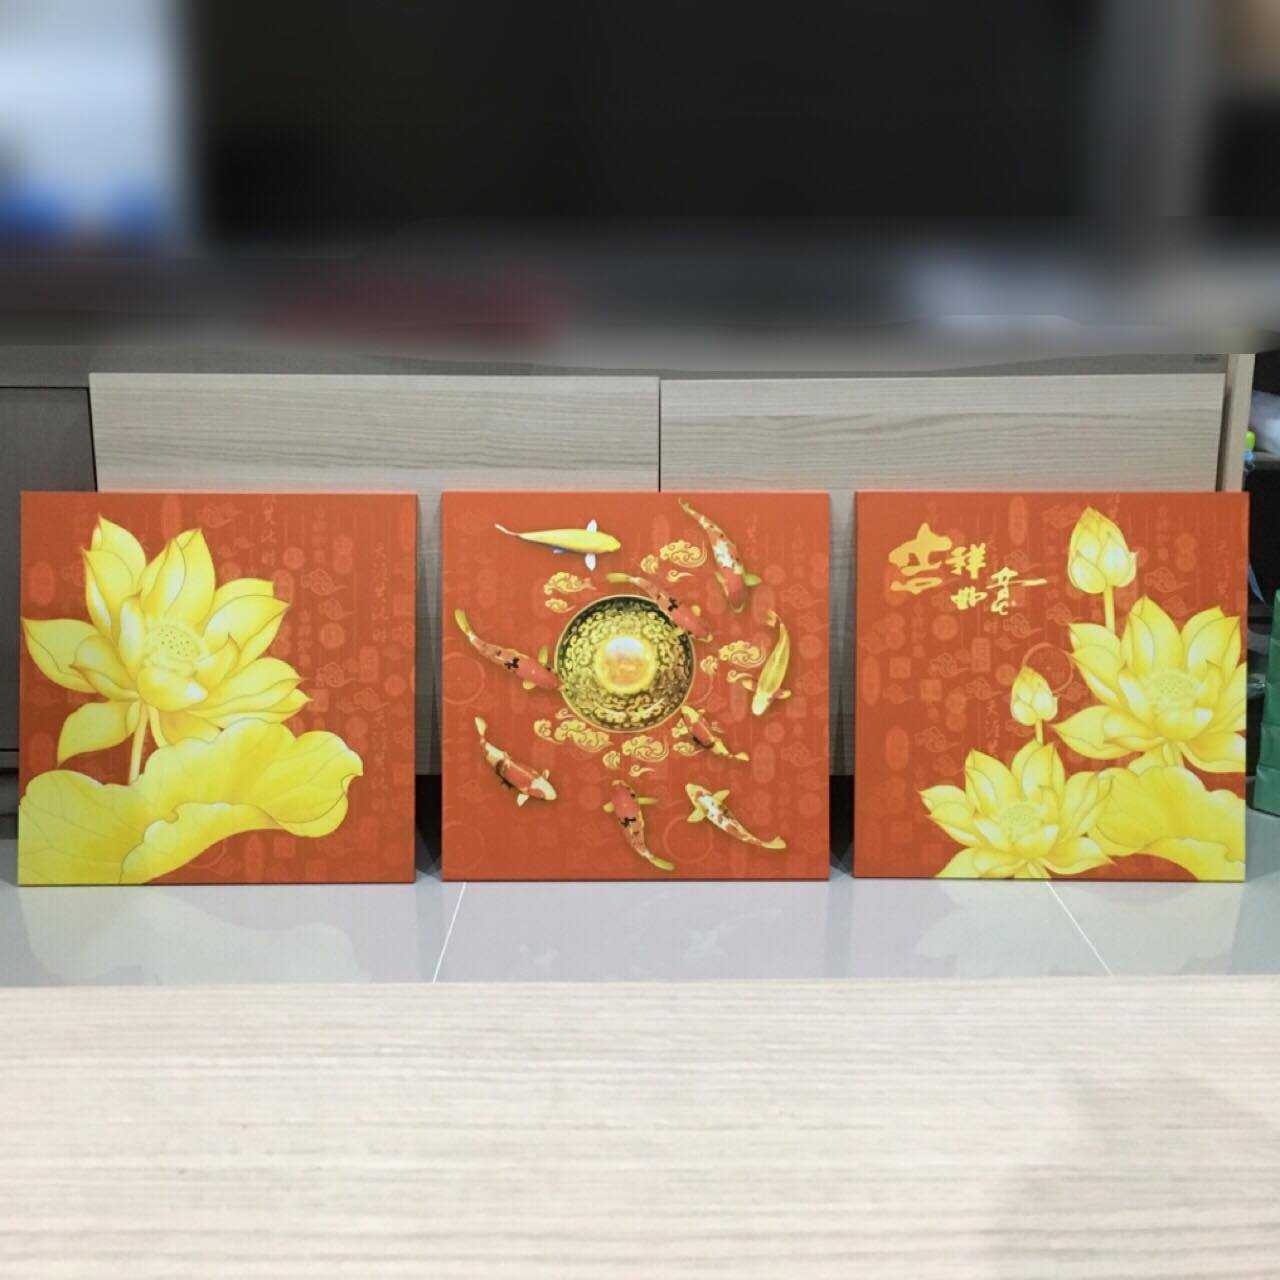 ภาพชุดปลาคาร์ฟ พื้นส้ม ว่ายวนลูกแก้วเงินทอง arthome32